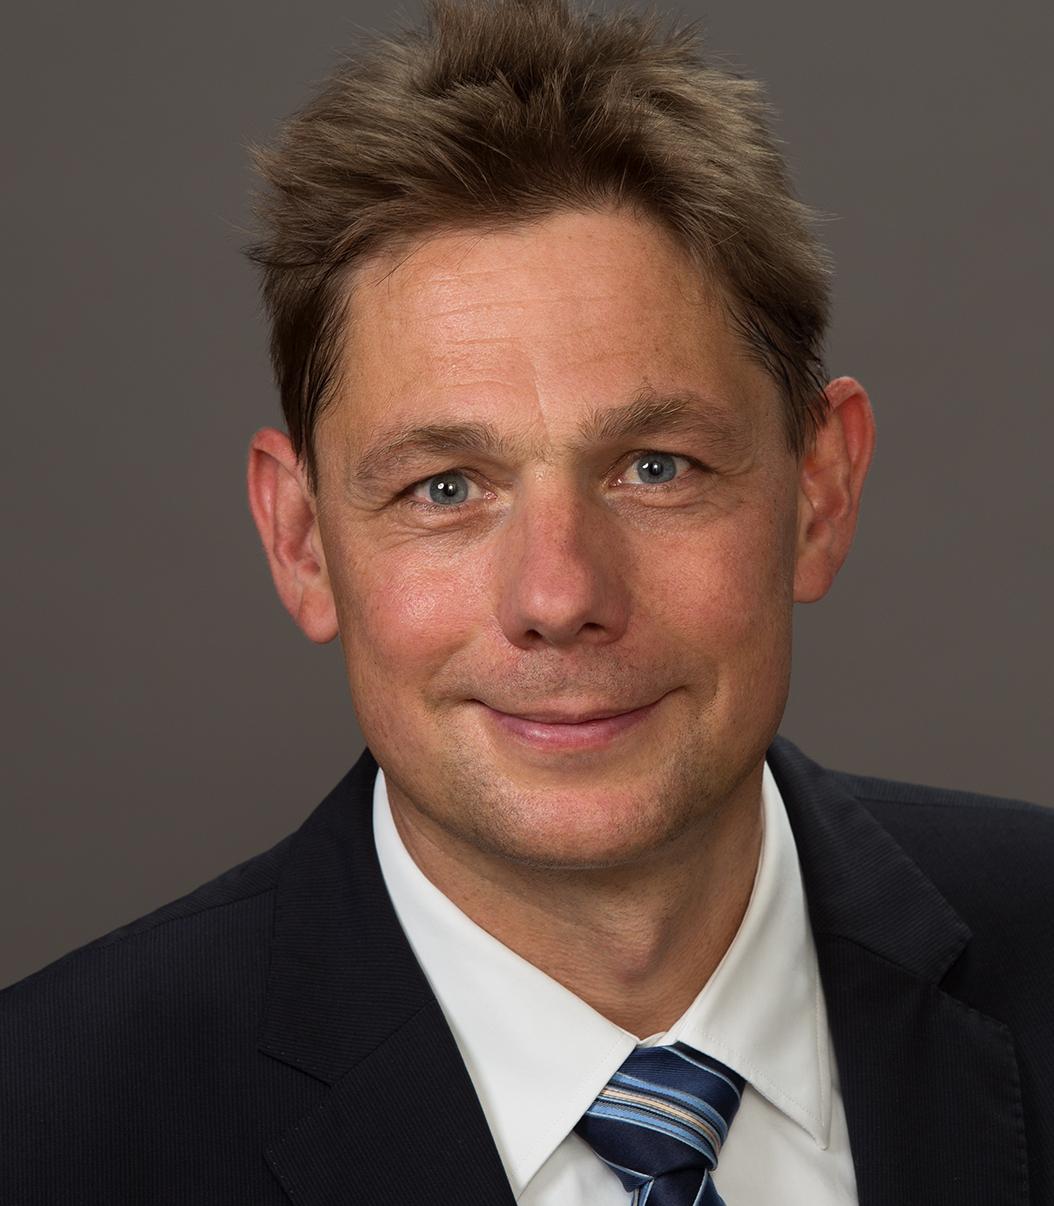 Prof. Dr. Jens Reimer